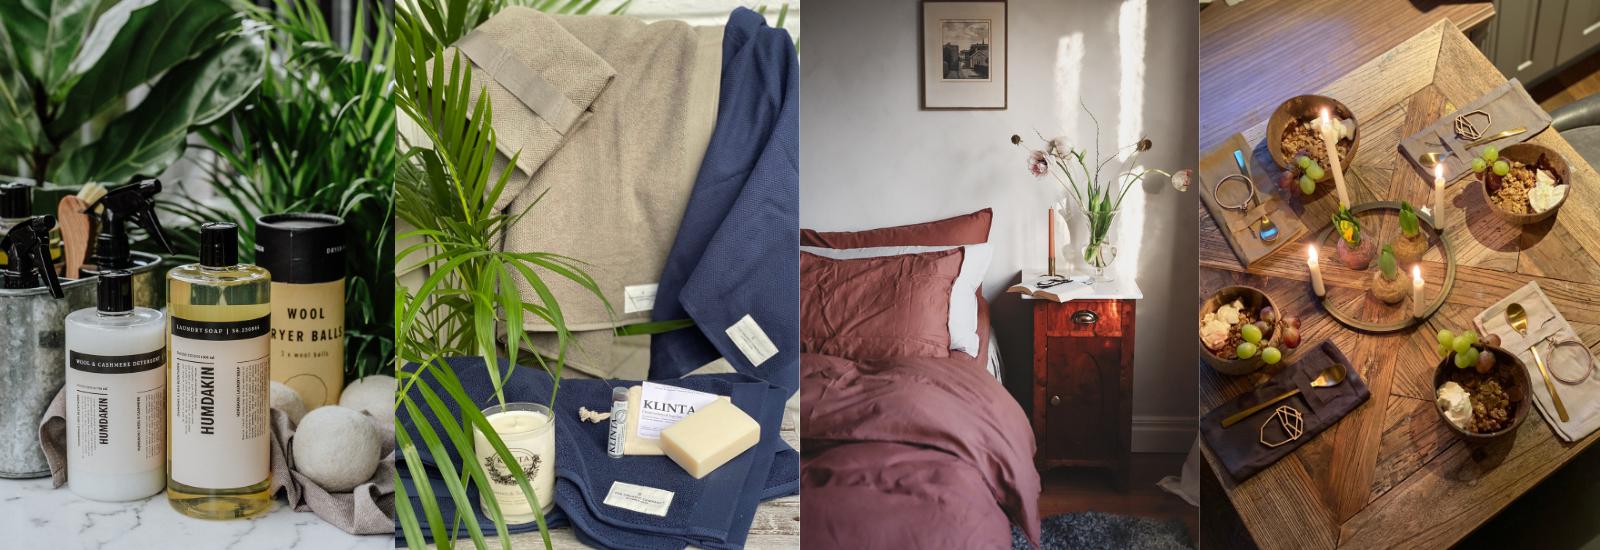 økologiske og veganske tekstiler og vaskemidler til hjemmet